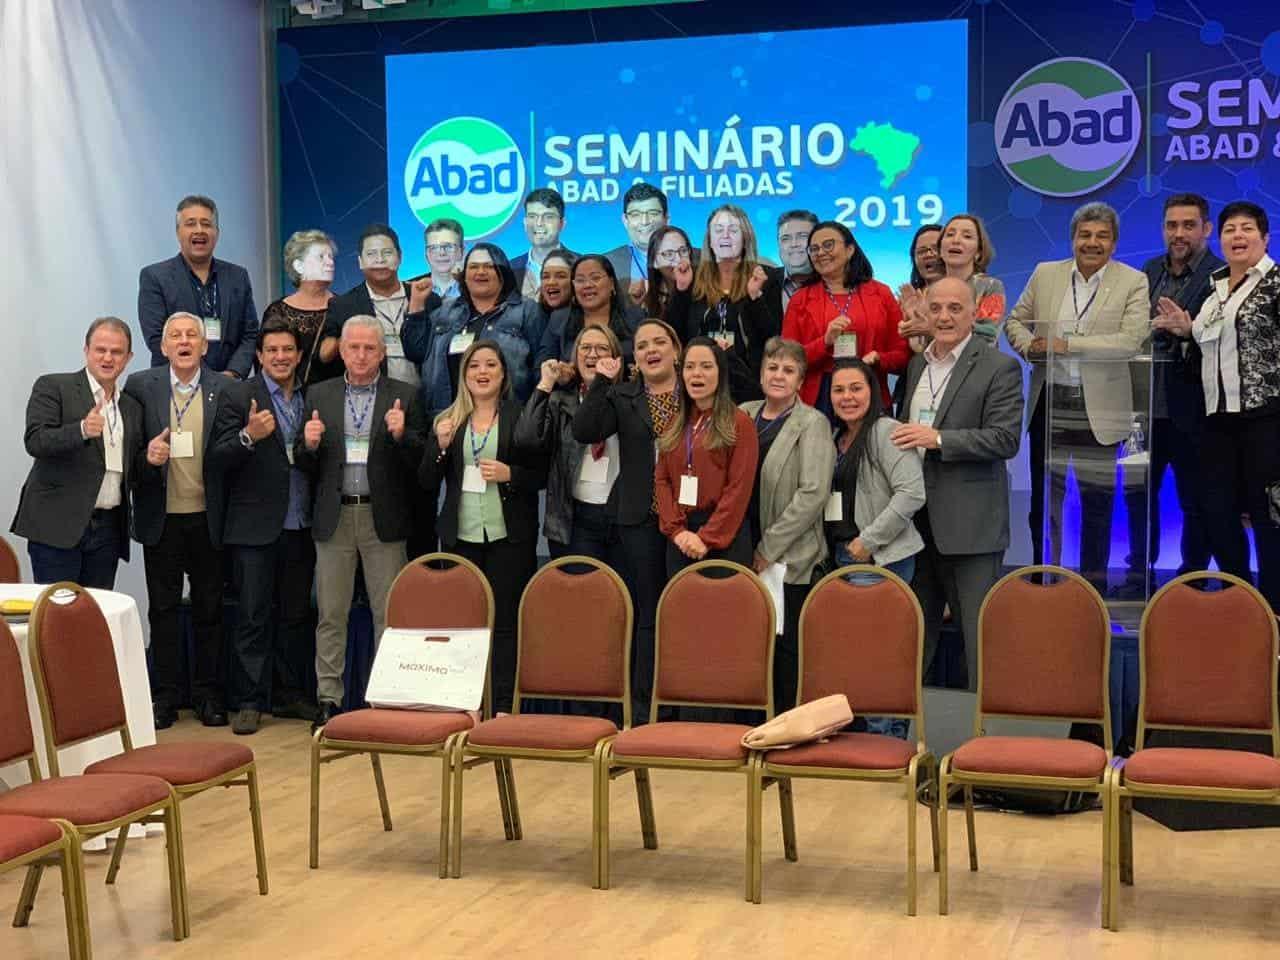 Convenção ABAD 2020